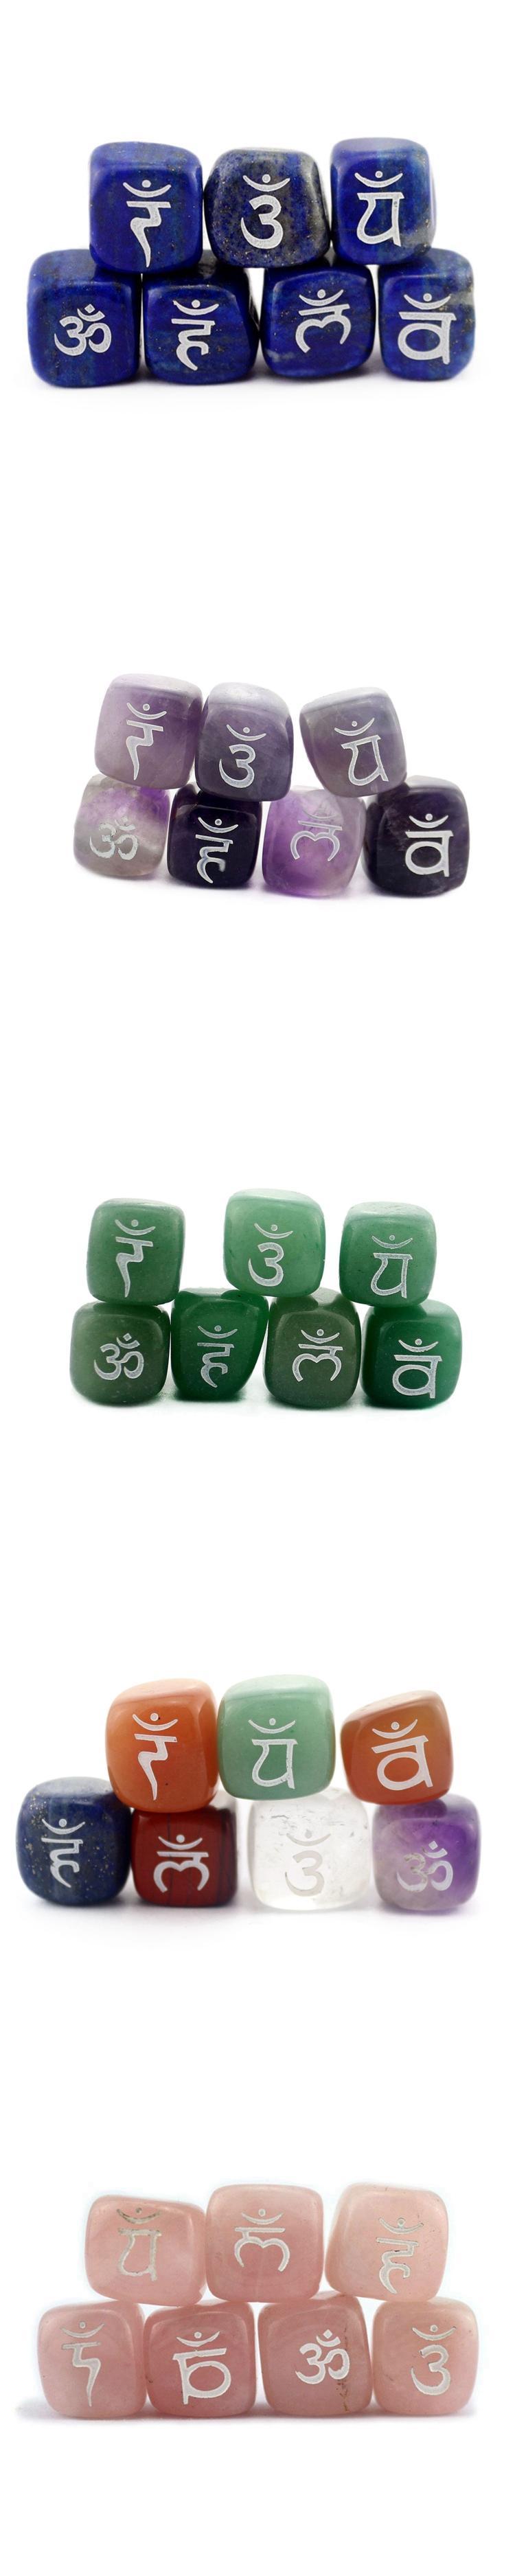 Cura de cristal tombado pedra mista jade gravado chakra pedras de roupa por atacado